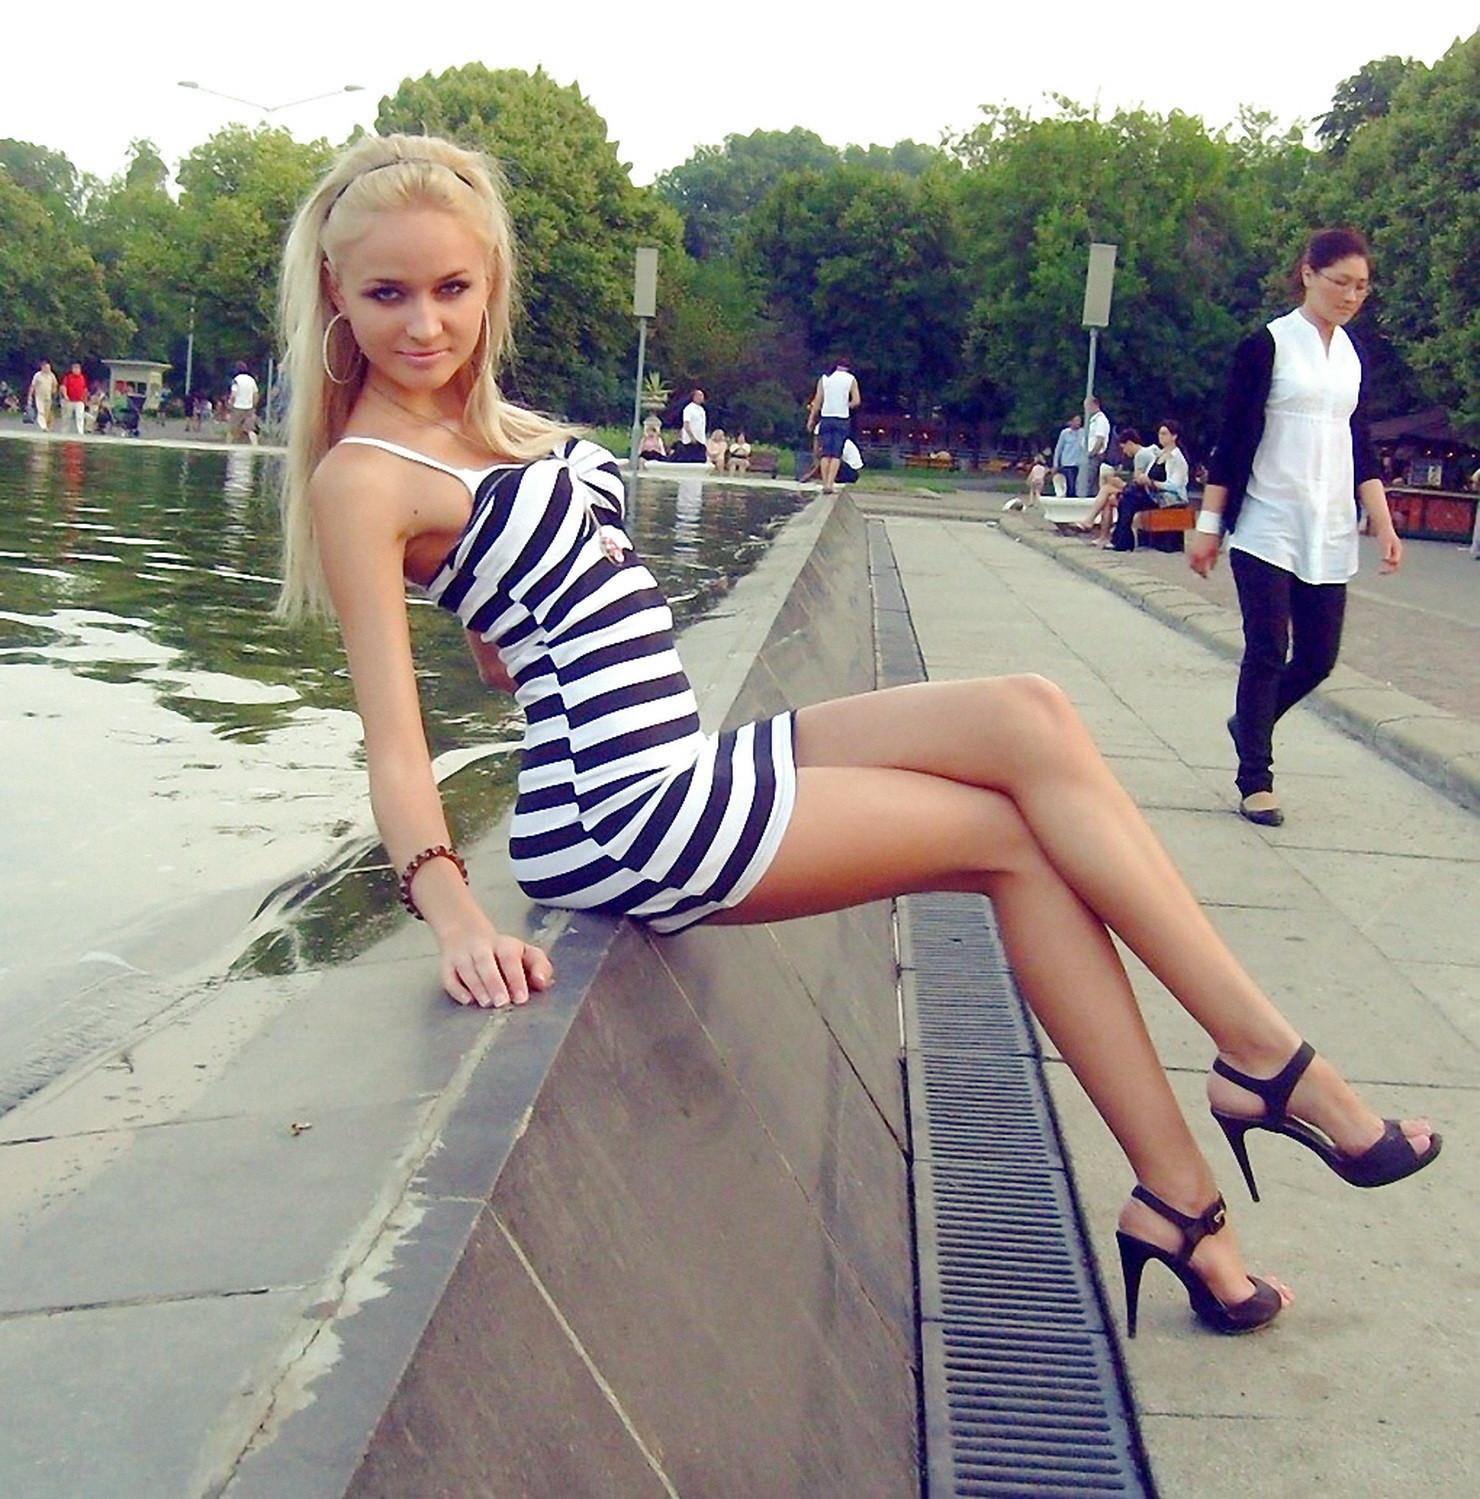 фото в коротких юбках в контакте английском языке